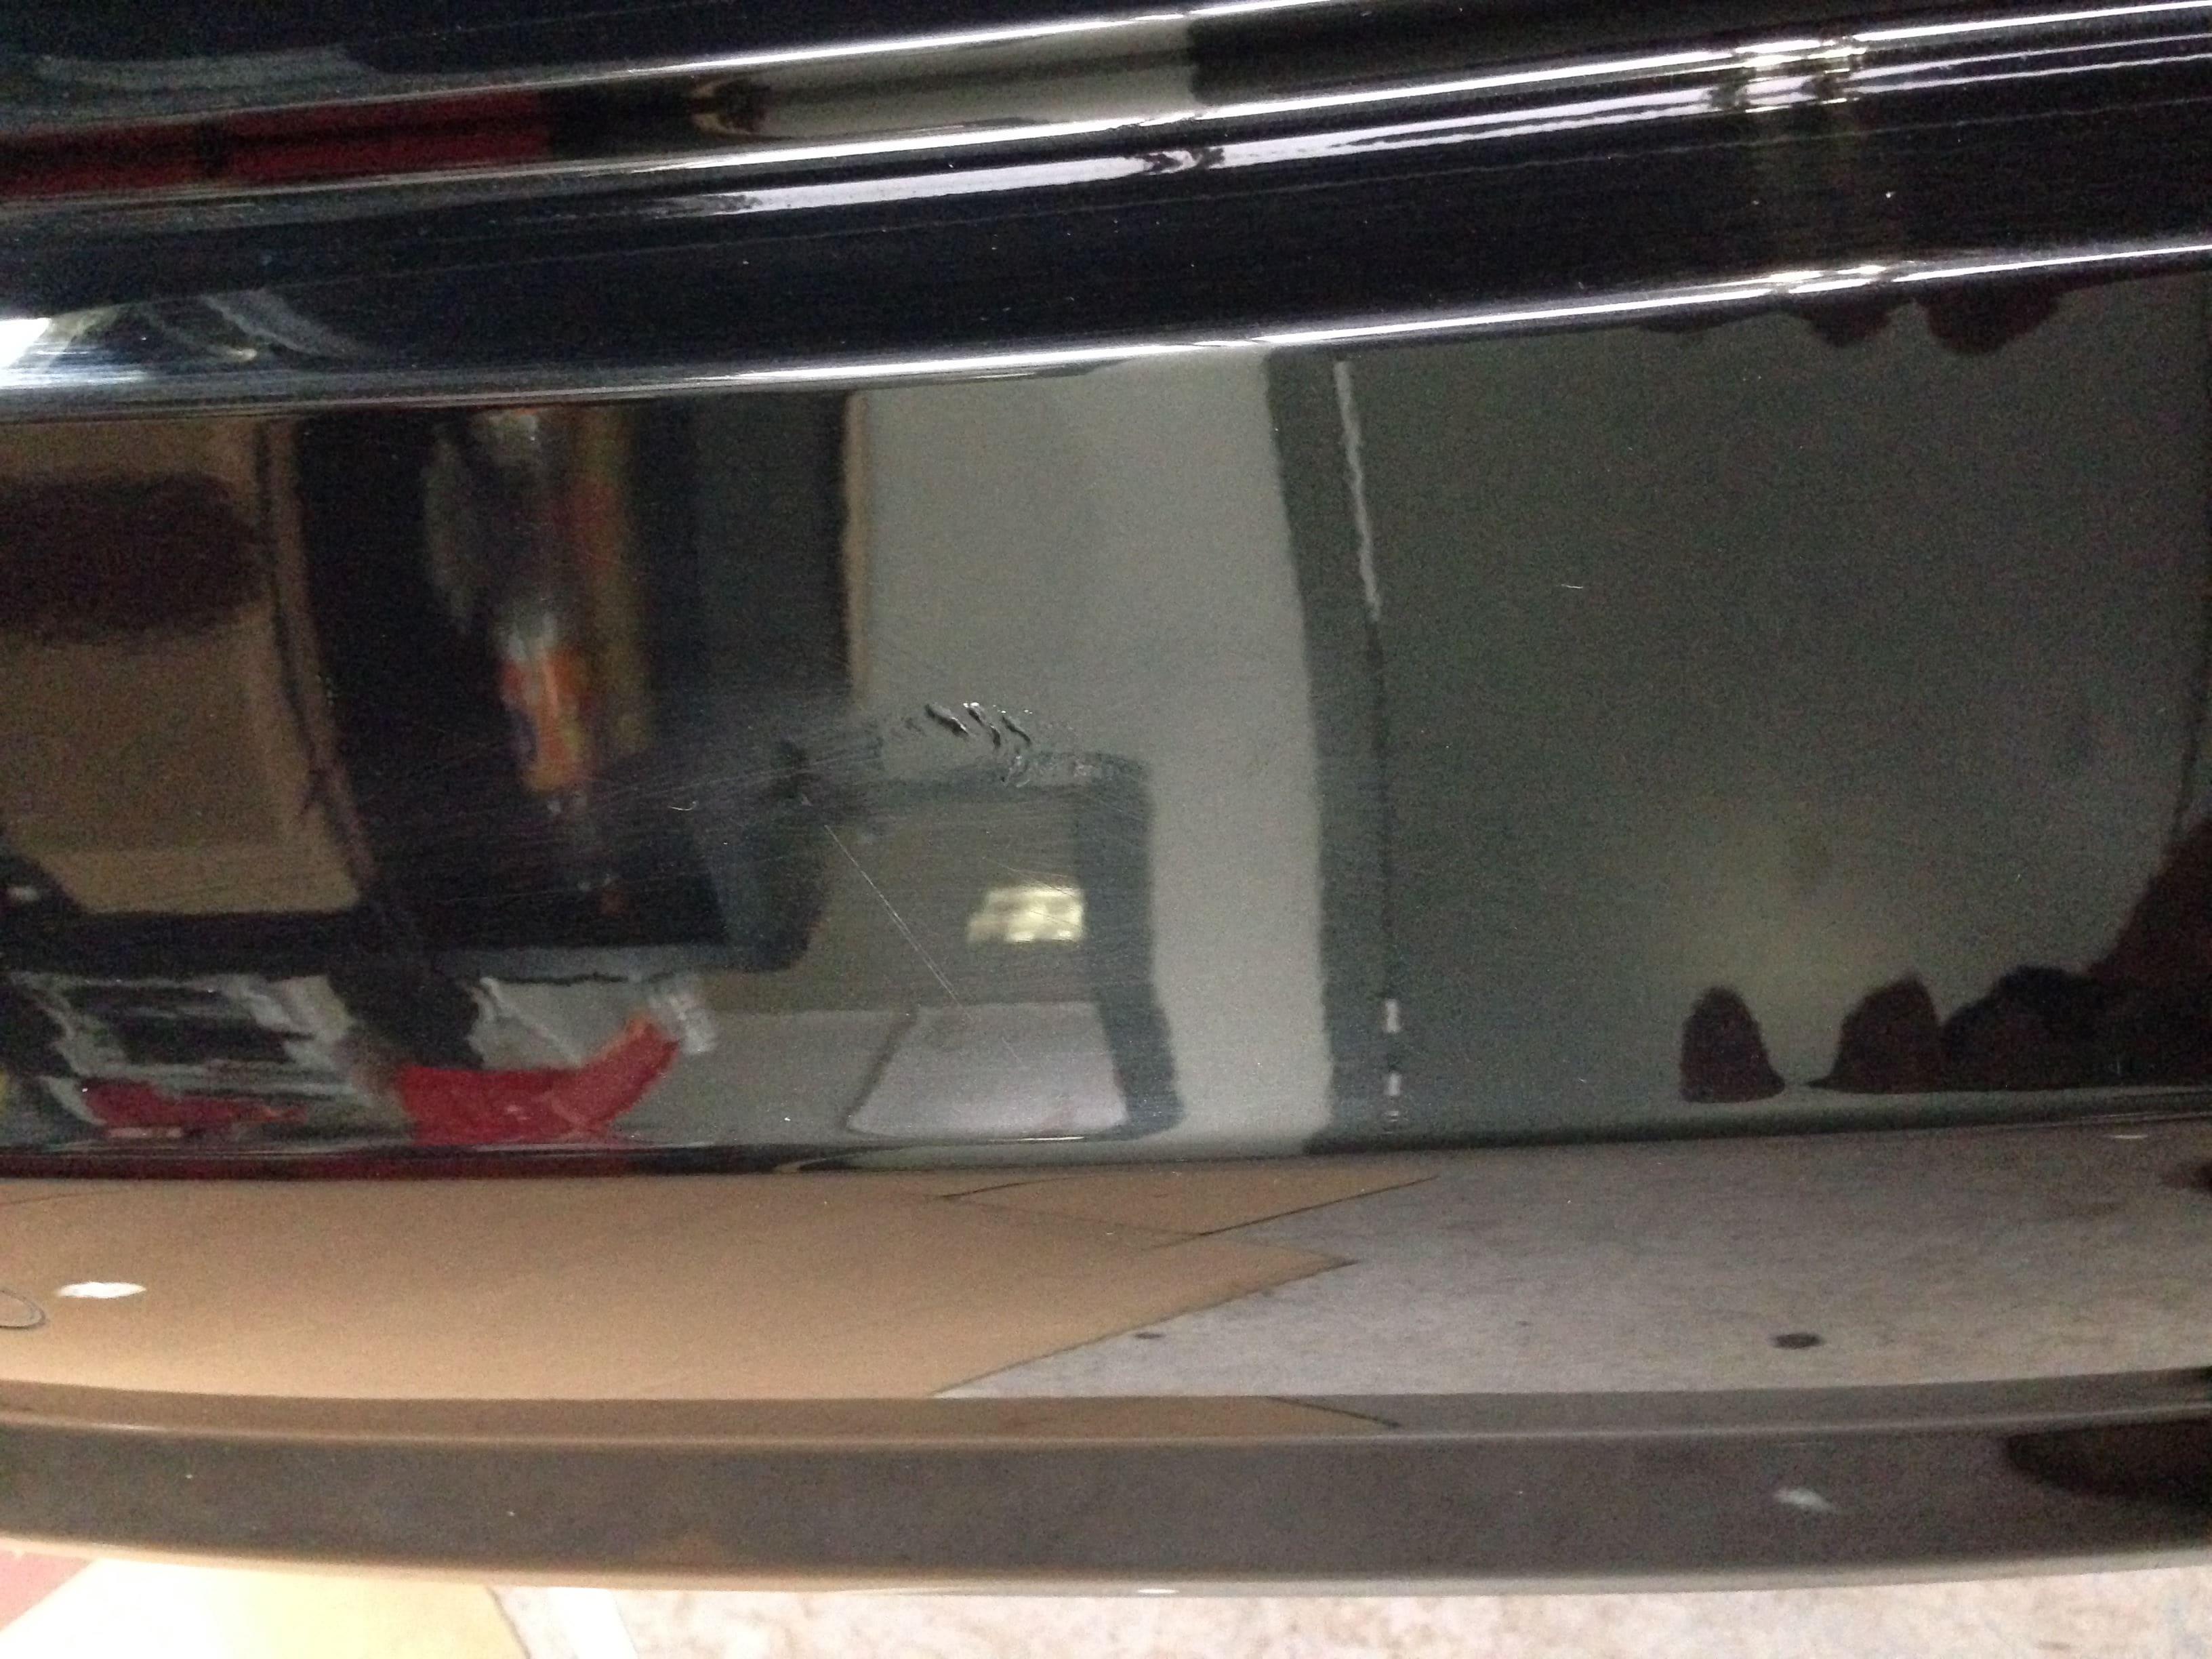 Mercedes CLS met White Satin Pearl Wrap, Carwrapping door Wrapmyride.nu Foto-nr:6180, ©2021